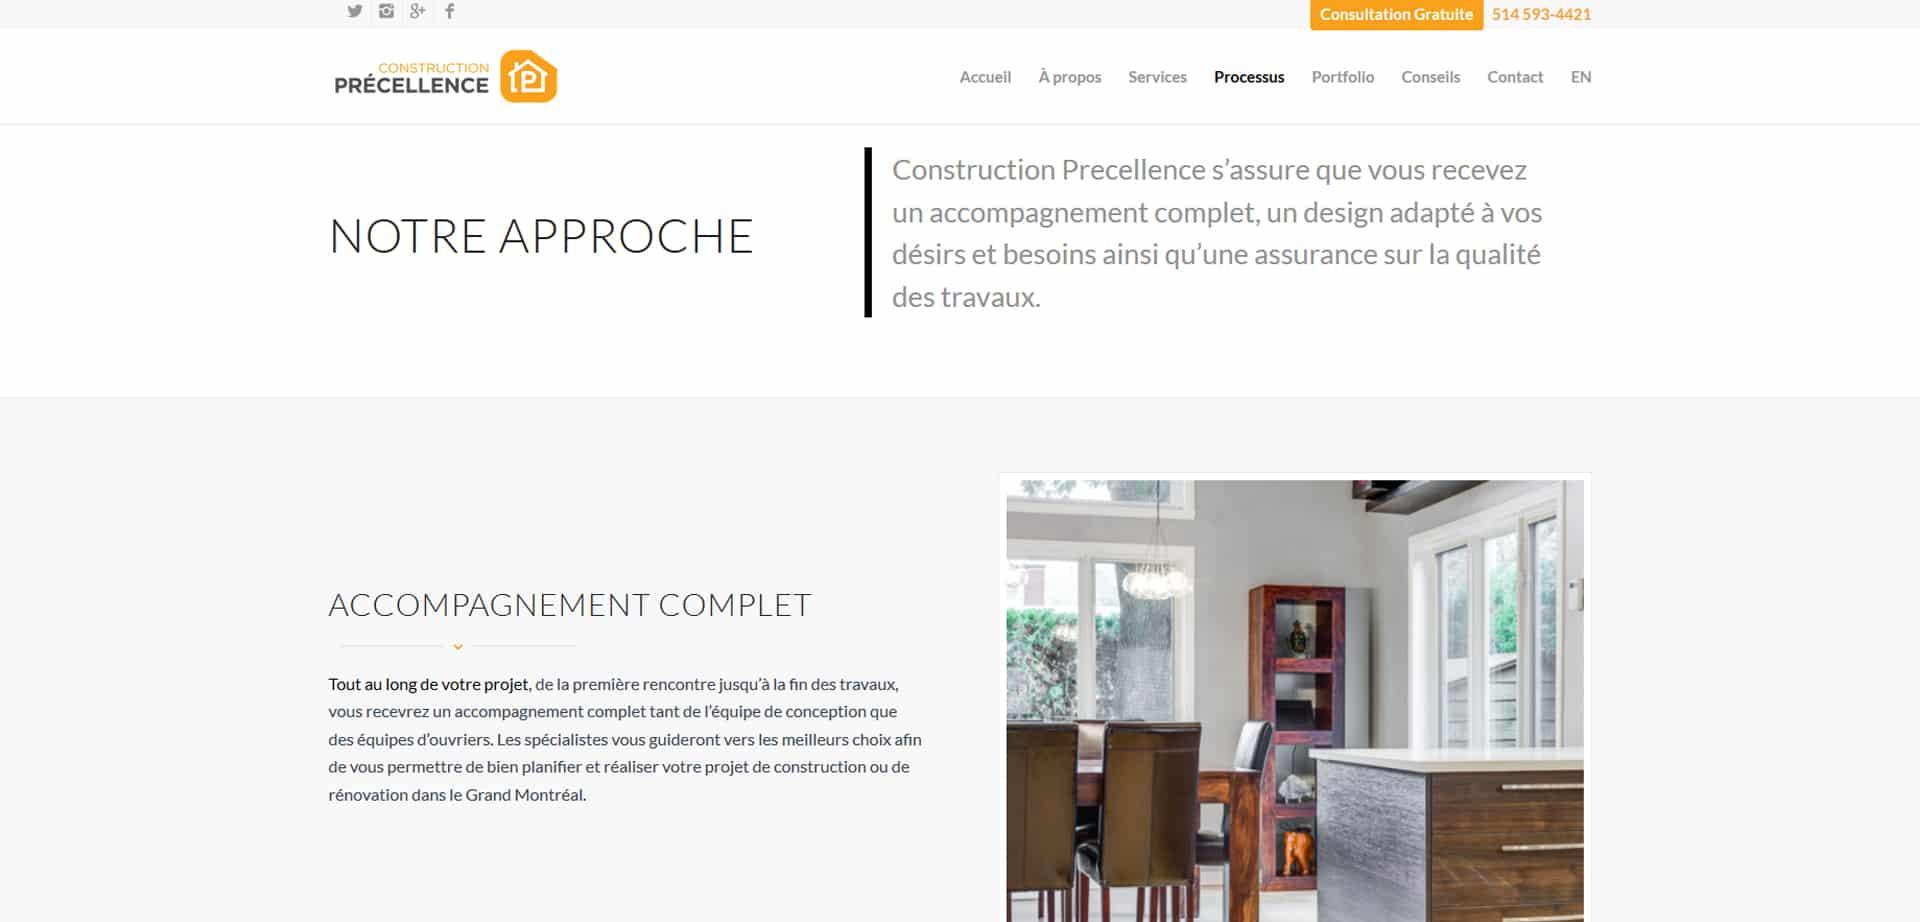 construction-prec4